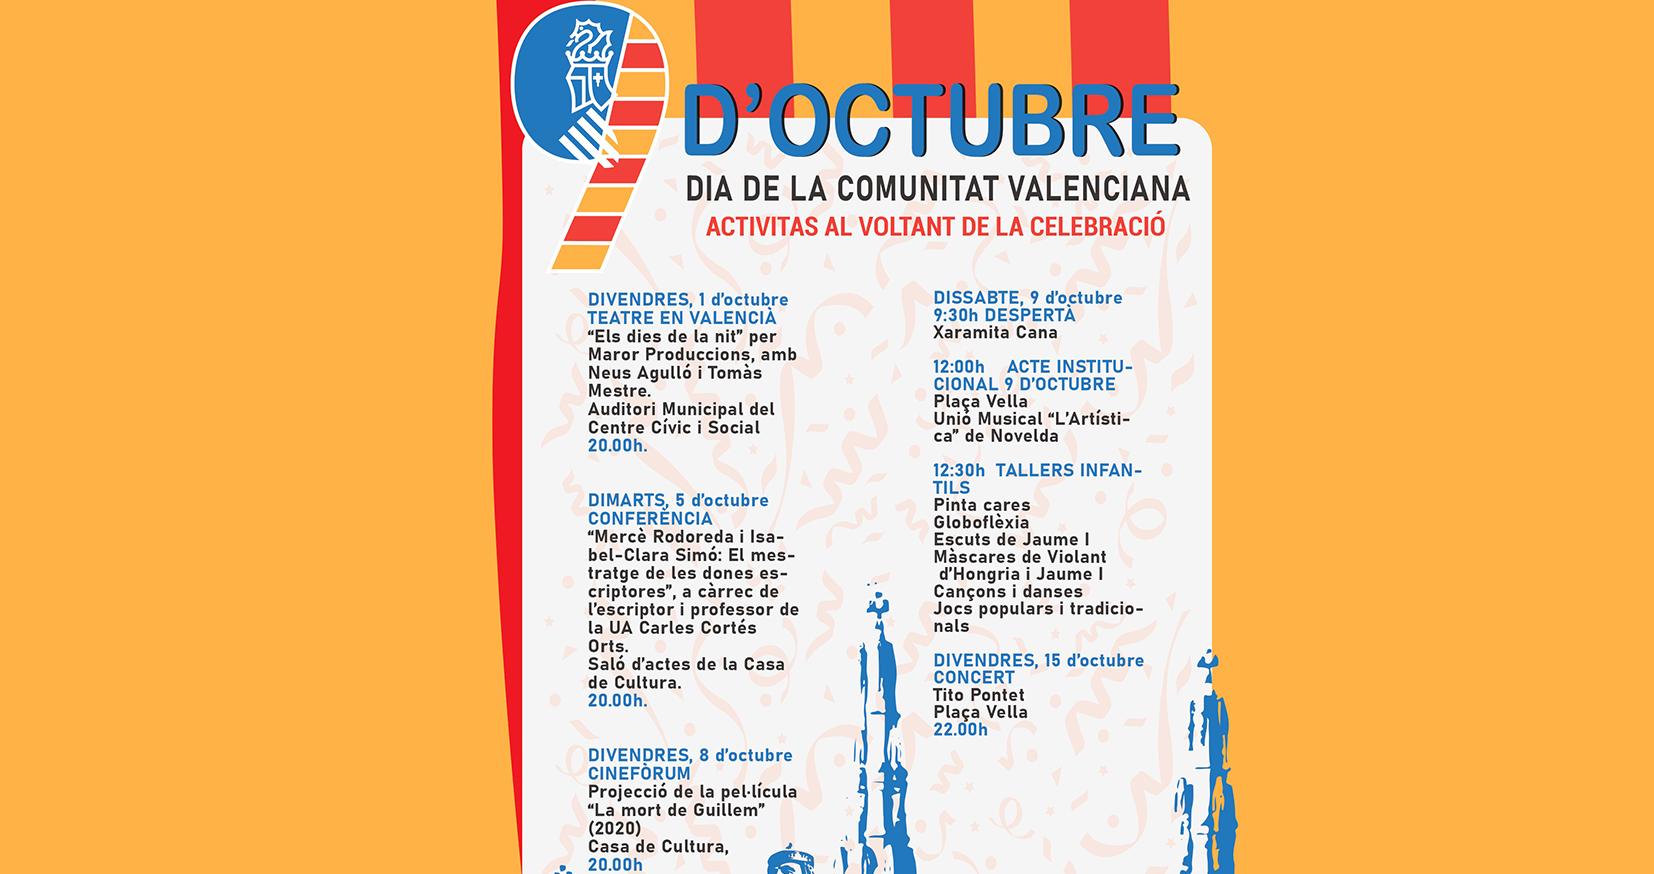 Programación para conmemorar el 9 d'octubre, Festa del País Valencià